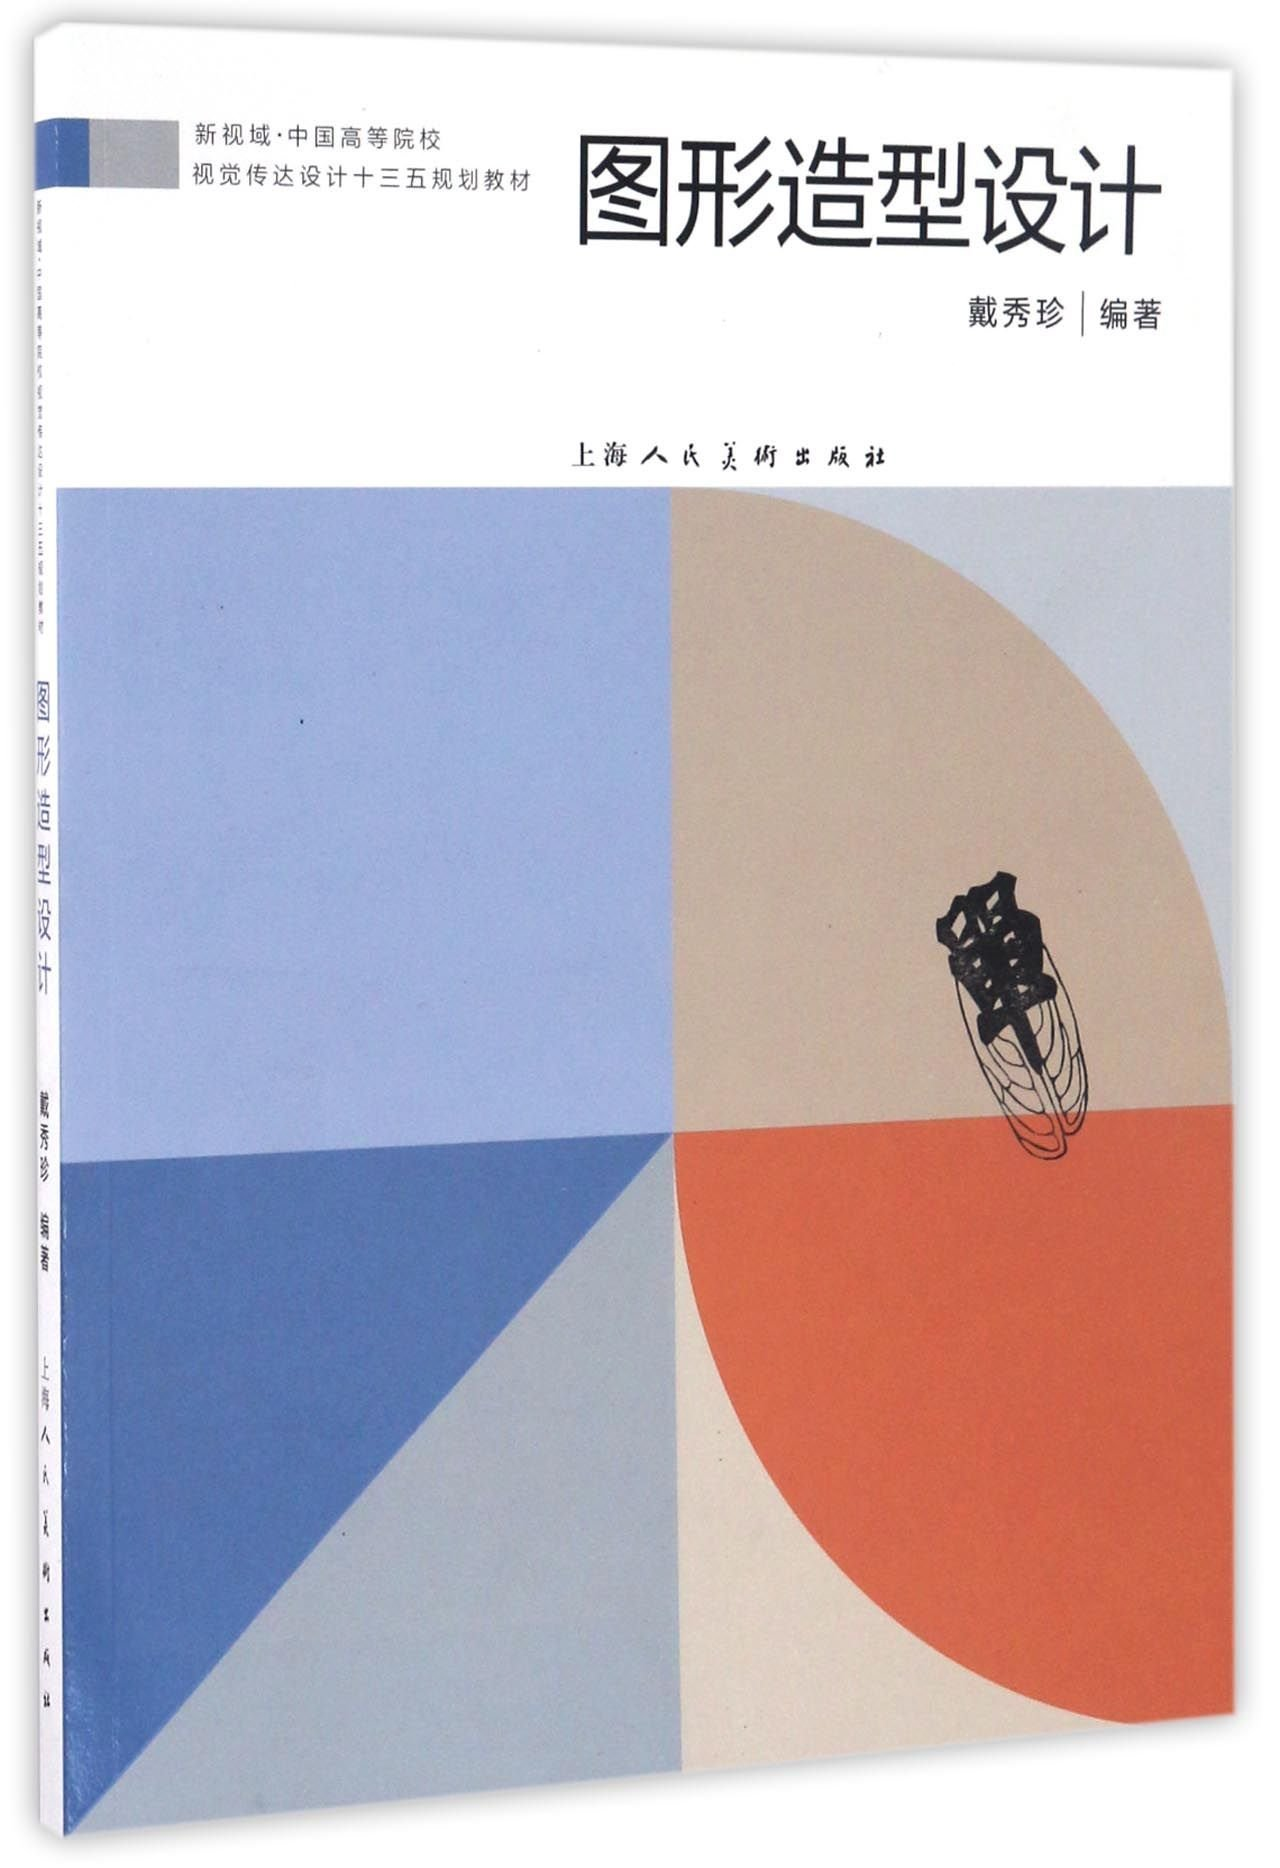 图形造型设计(新视域中国高等院校视觉传达设计十三五规划教材) PDF